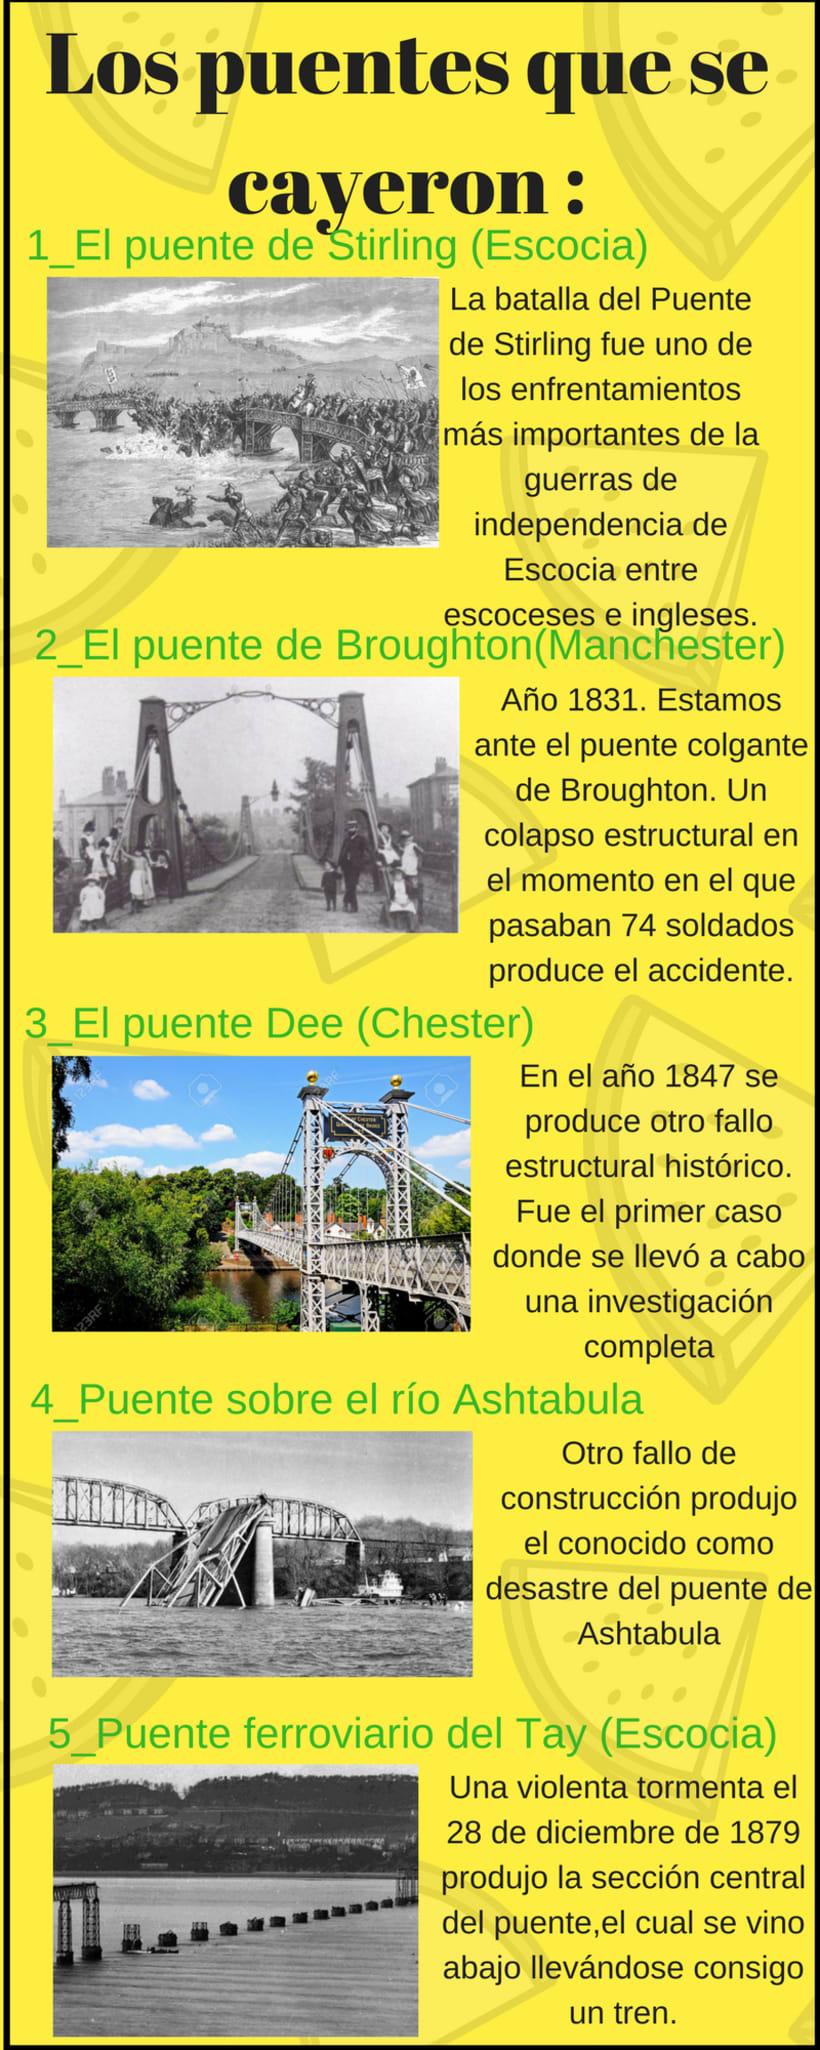 Los 5 puentes que se cayeron : -1